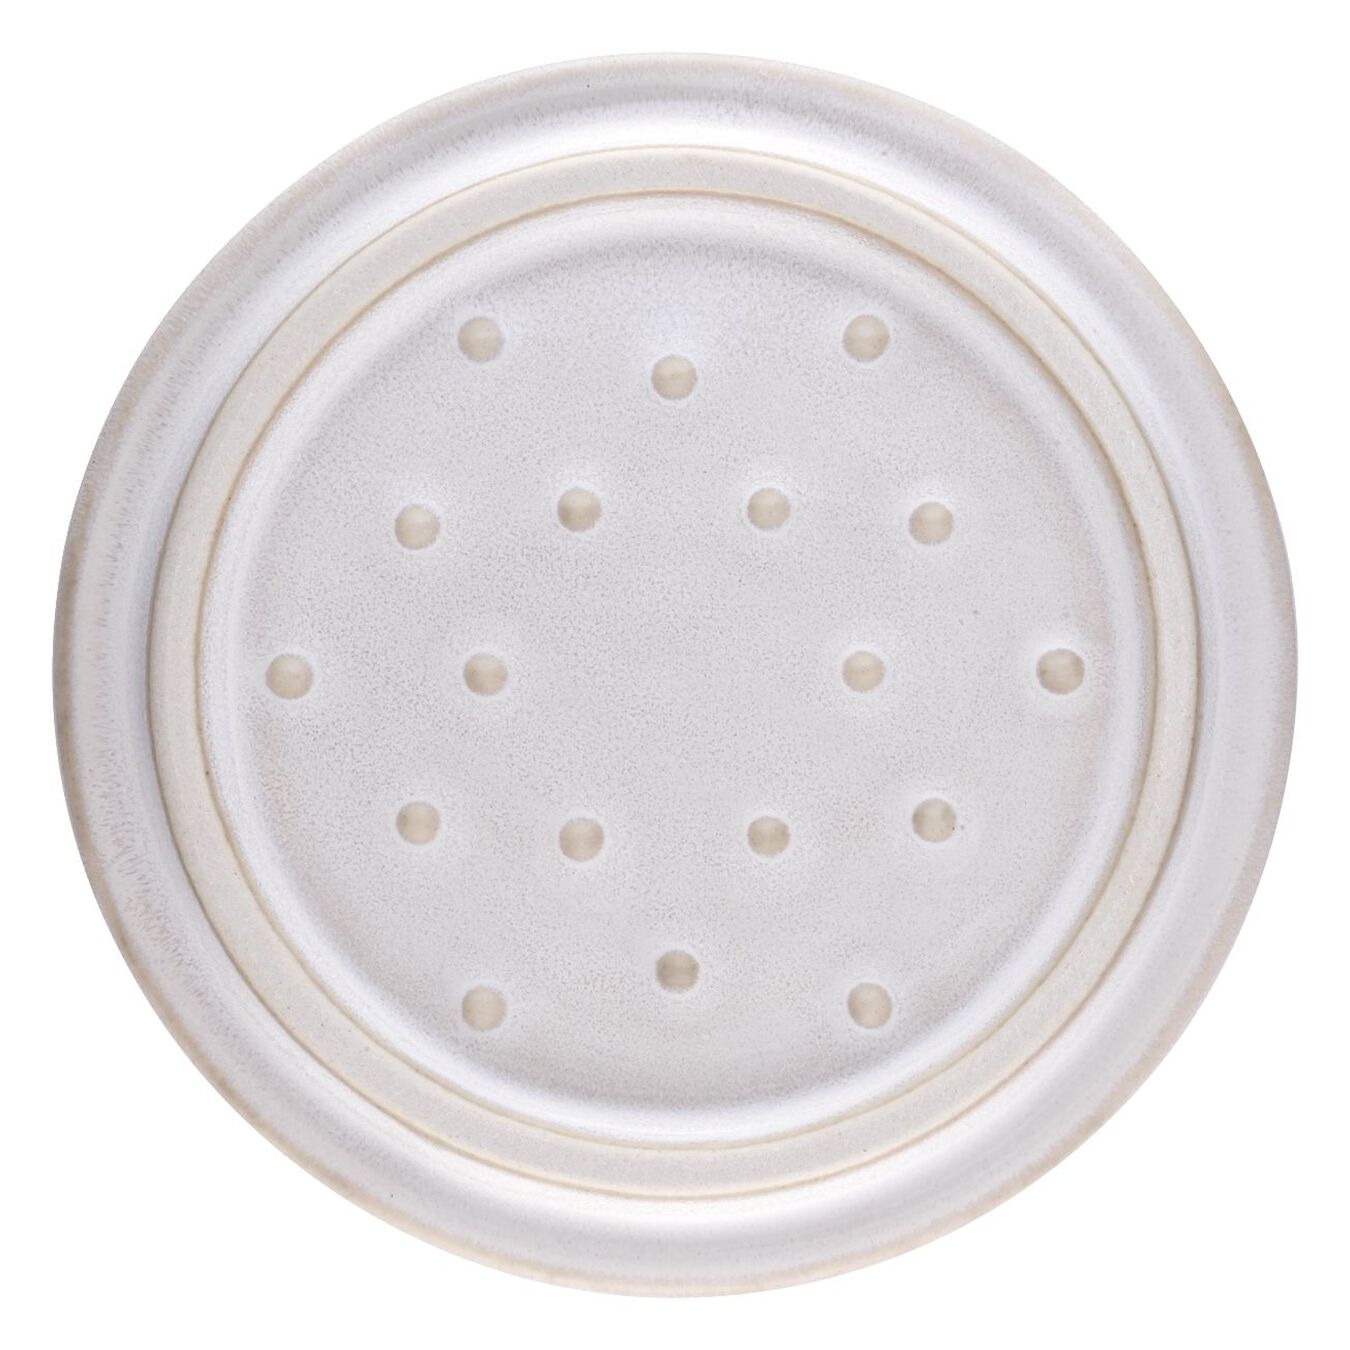 Mini Cocotte 10 cm, rund, Elfenbein-Weiß, Keramik,,large 3